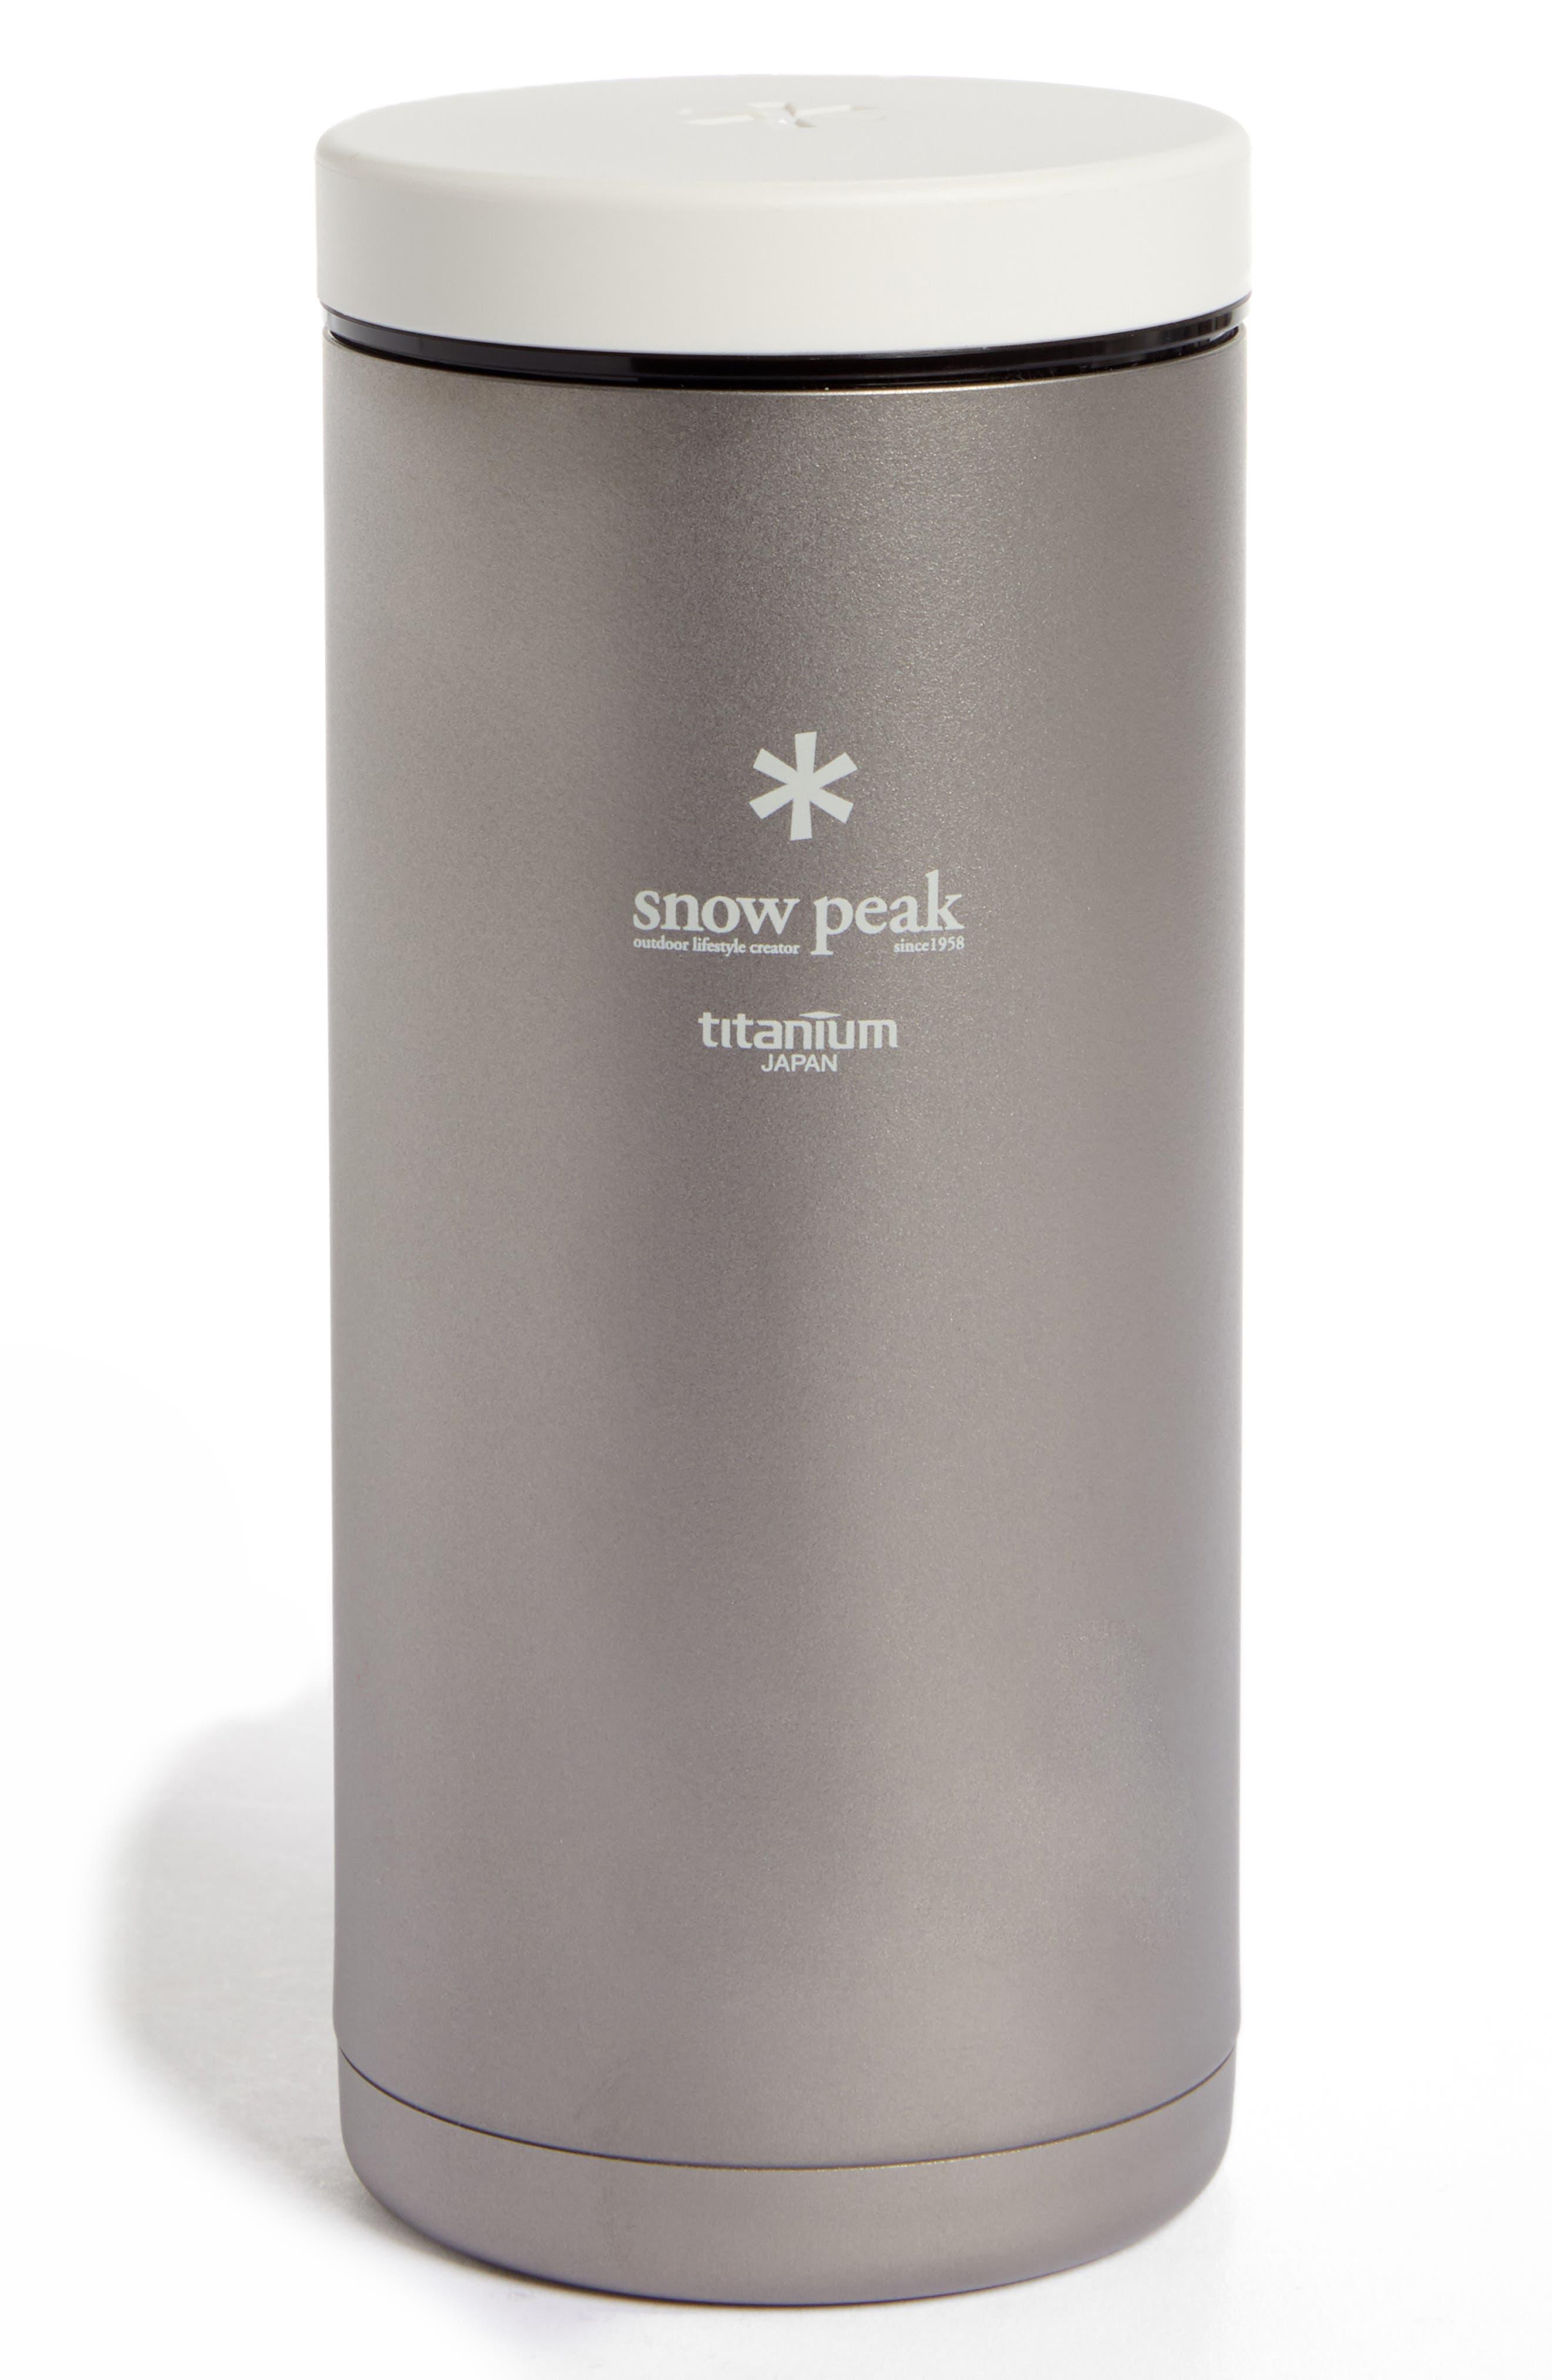 SNOW PEAK Kanpai 350ml Titanium Vacuum Insulated Hot/Cold Beverage Bottle, Main, color, 040